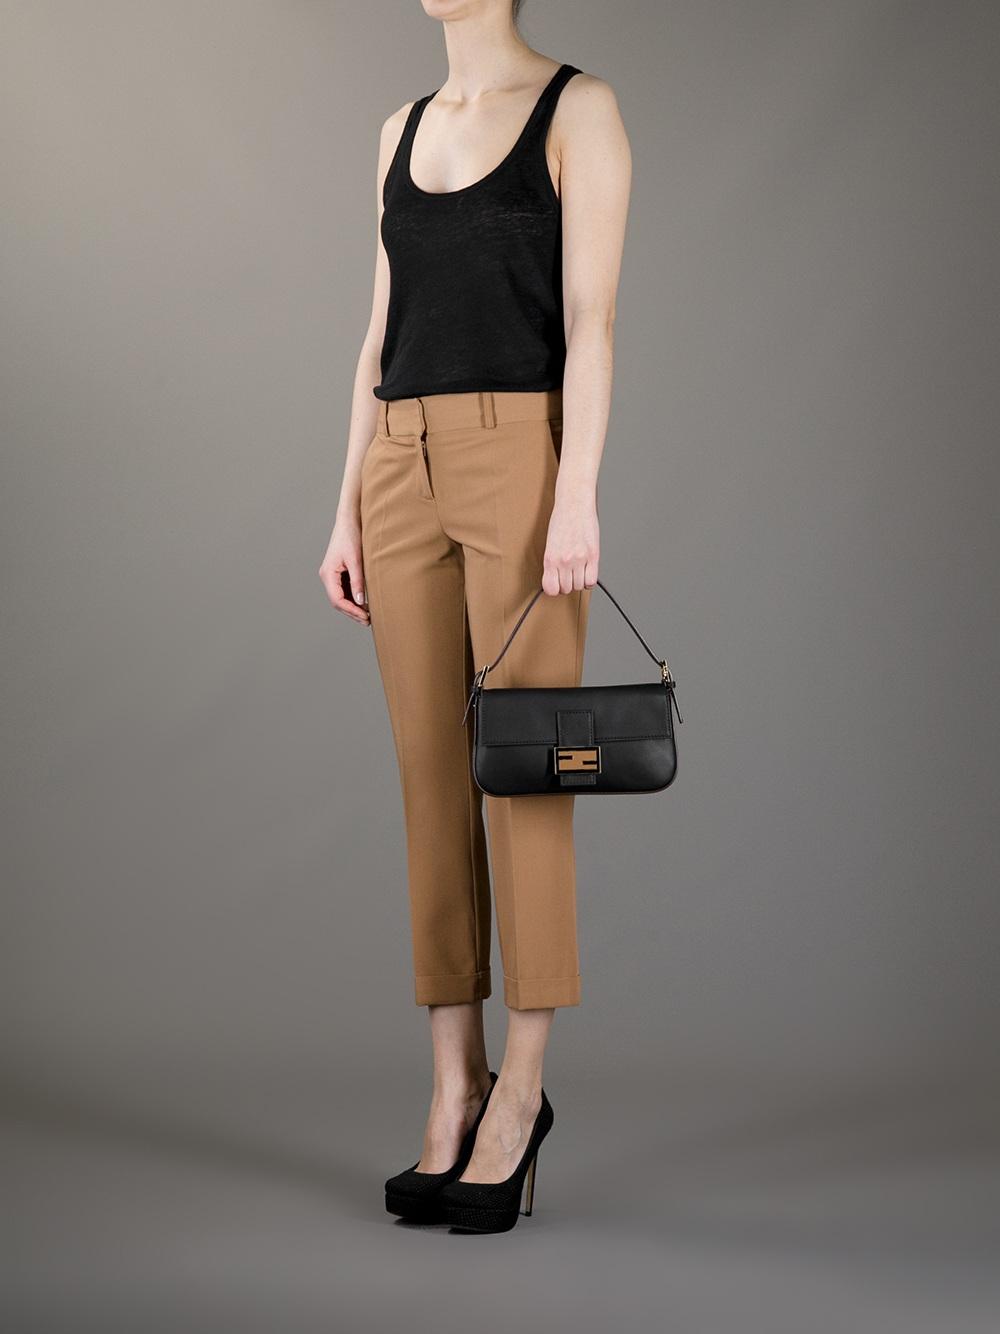 a2da2cac1395 ... spain fendi baguette shoulder bag in black lyst 92122 4559f